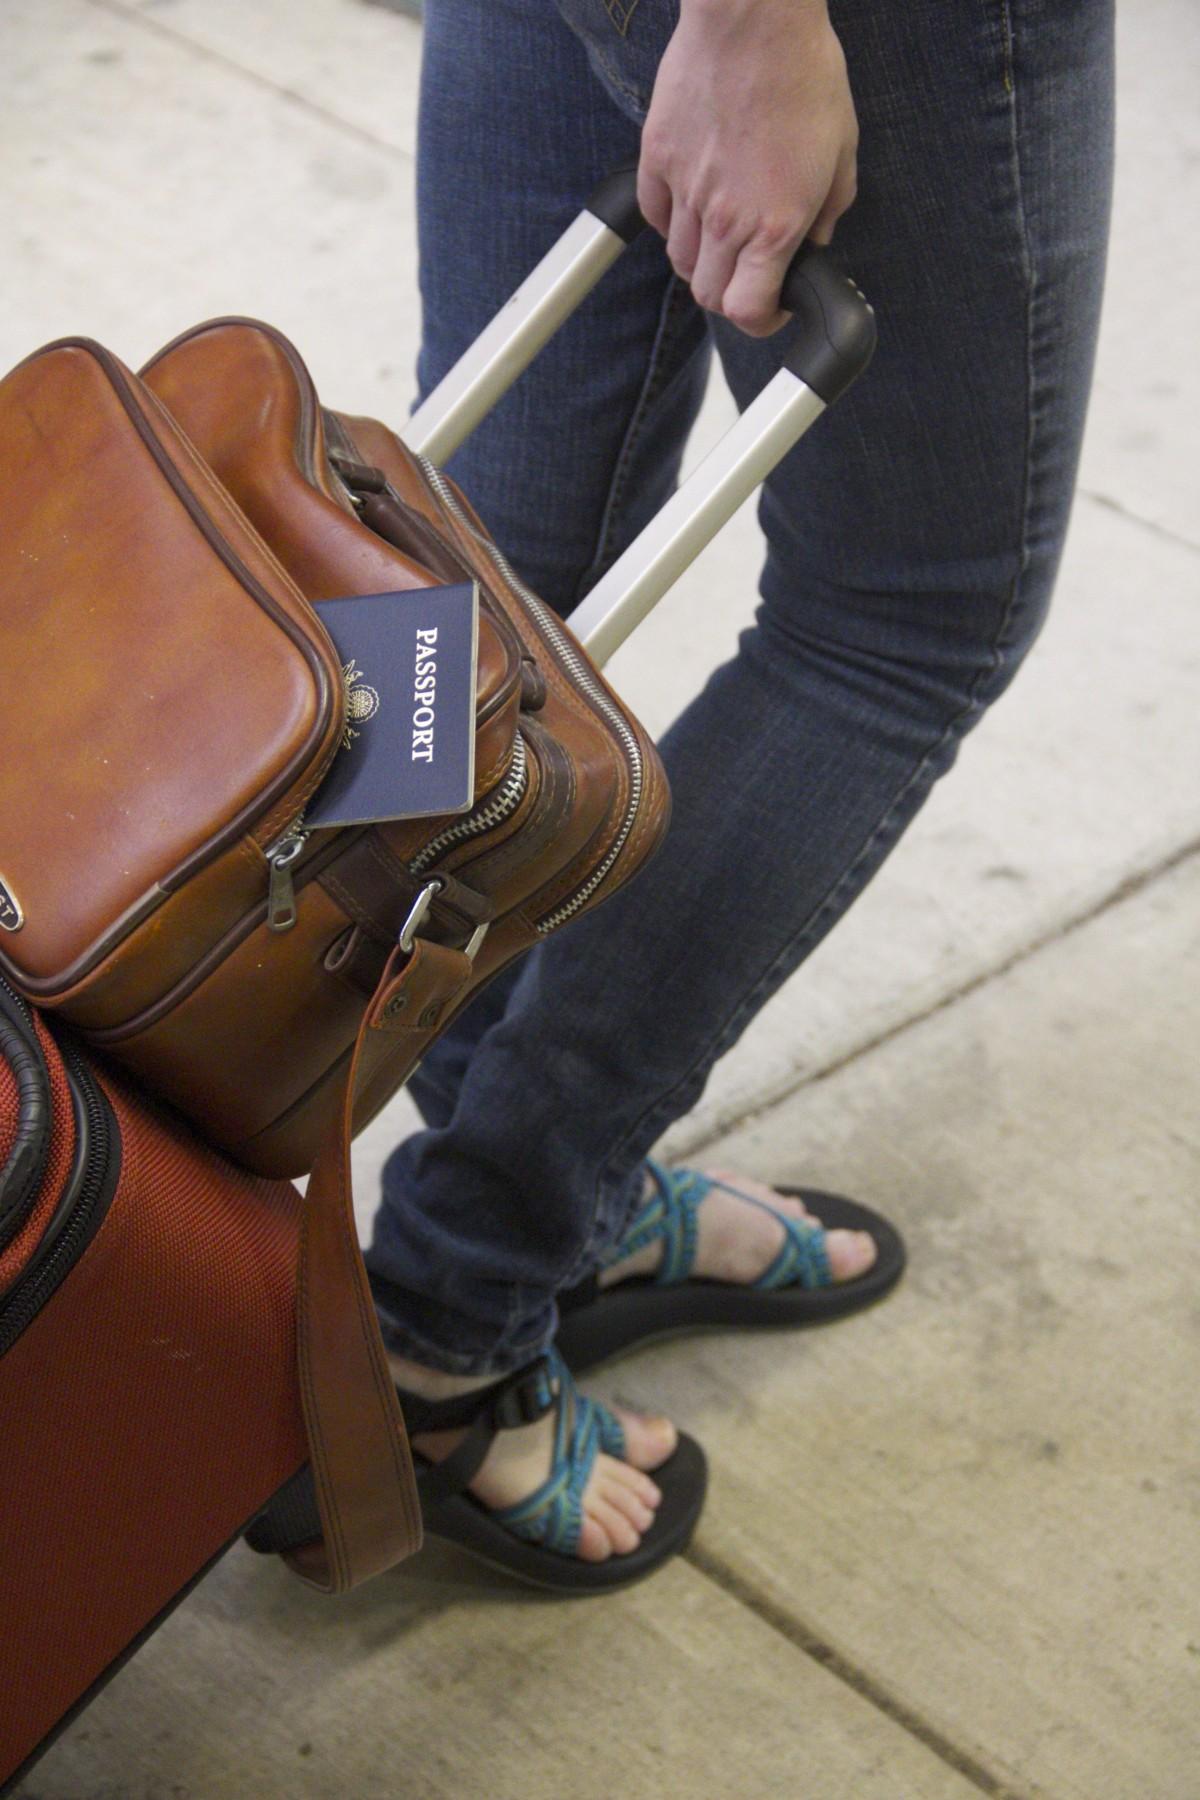 空港 ツーリスト 旅行 旅 フライト 荷物 履物 スーツケース パスポート 人間の位置